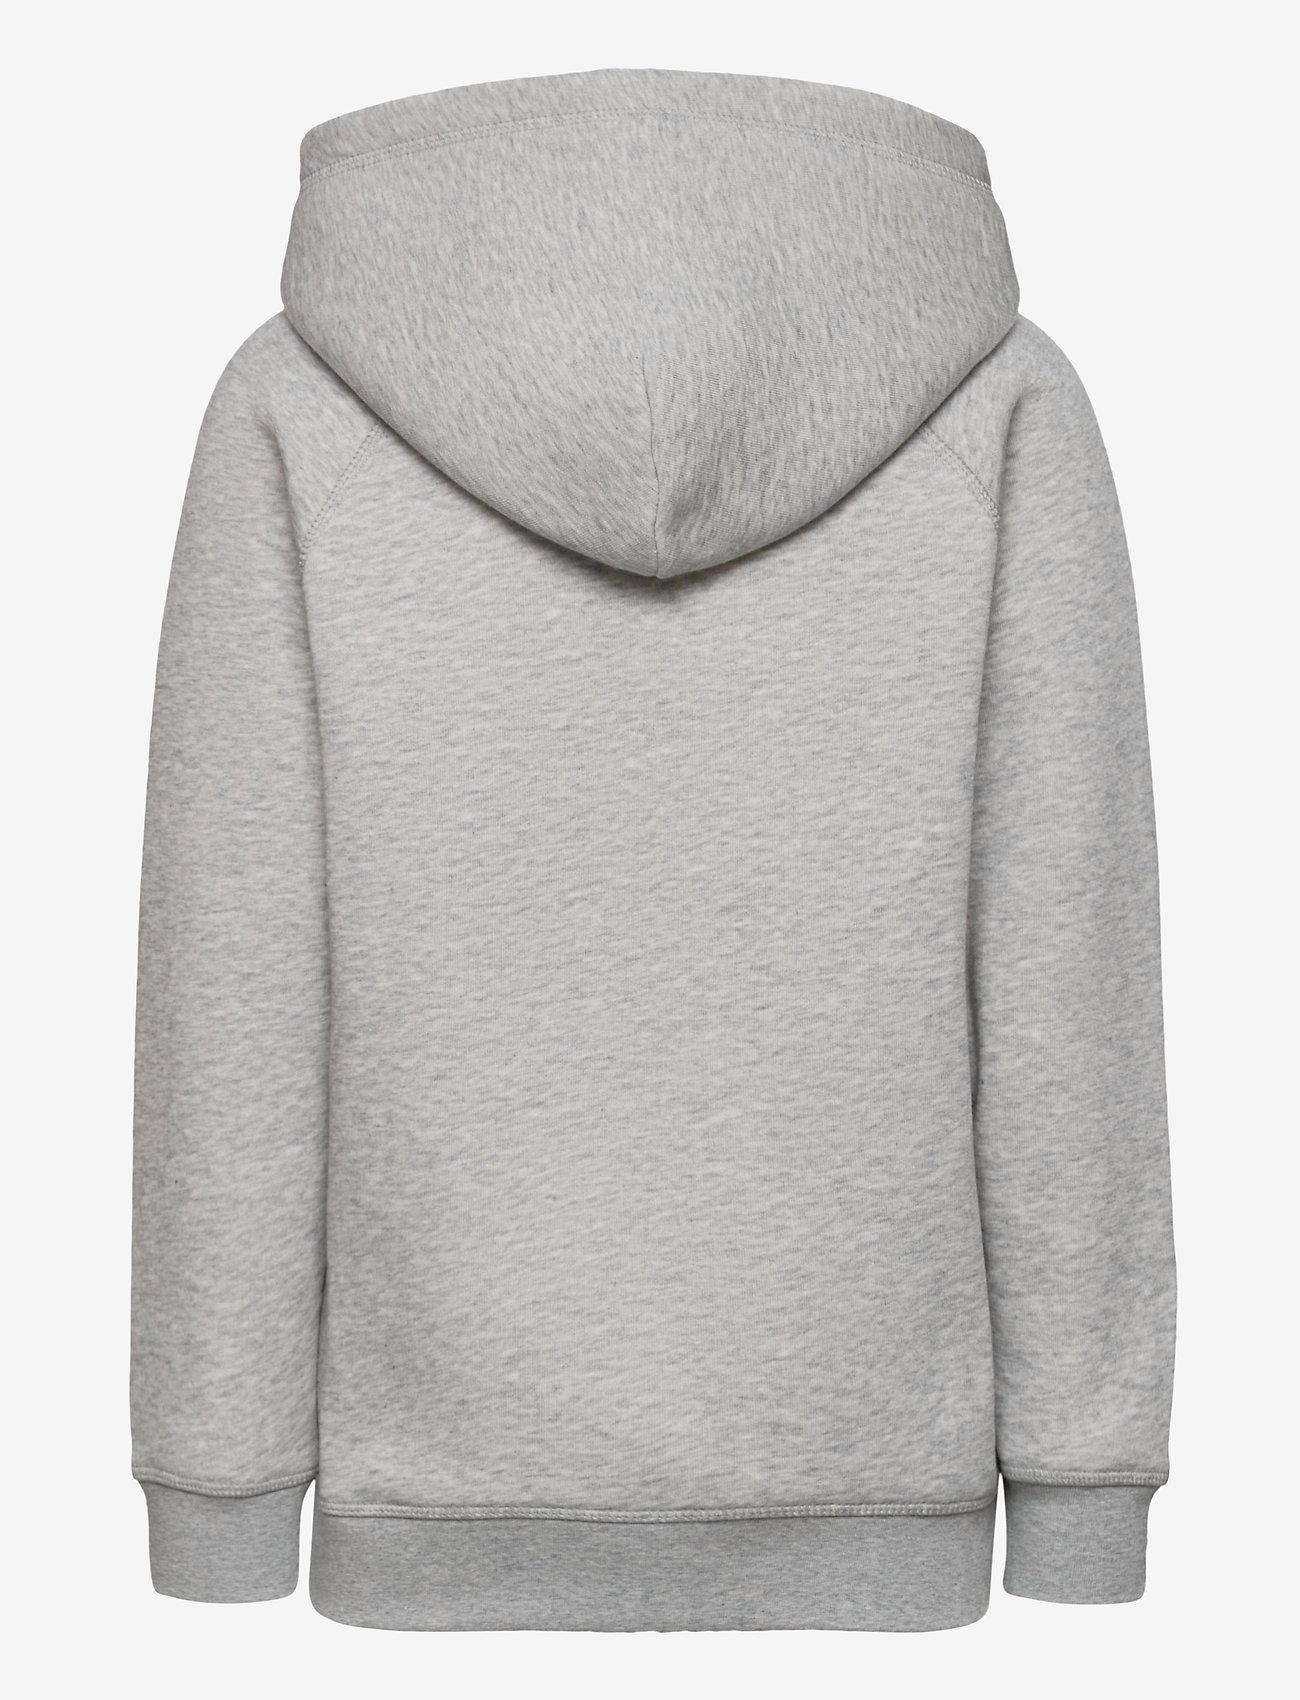 GANT - GANT LOCK-UP SWEAT HOODIE - kapuzenpullover - light grey melange - 1